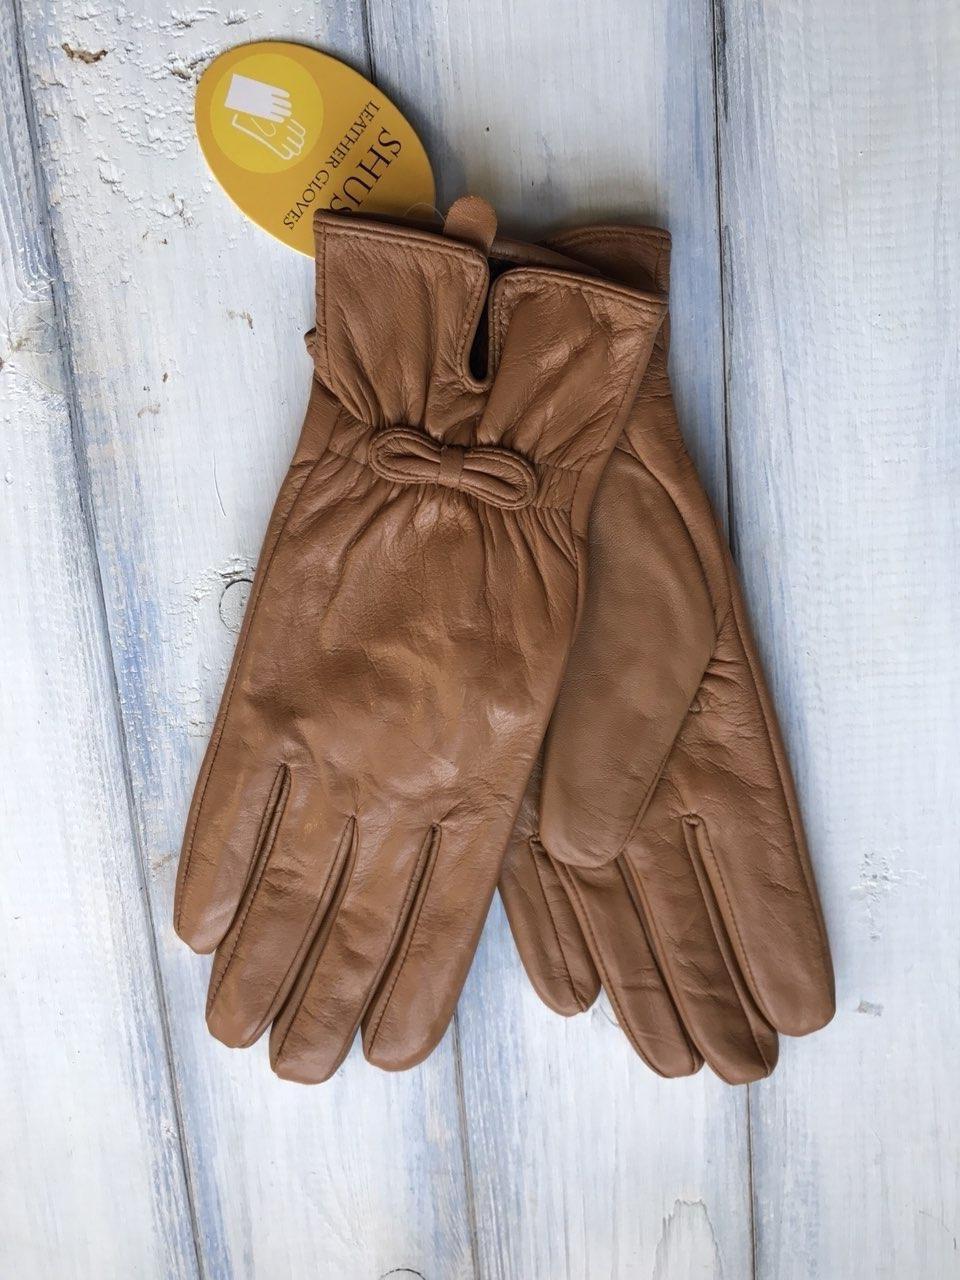 Женские кожаные перчатки Большие  813s3